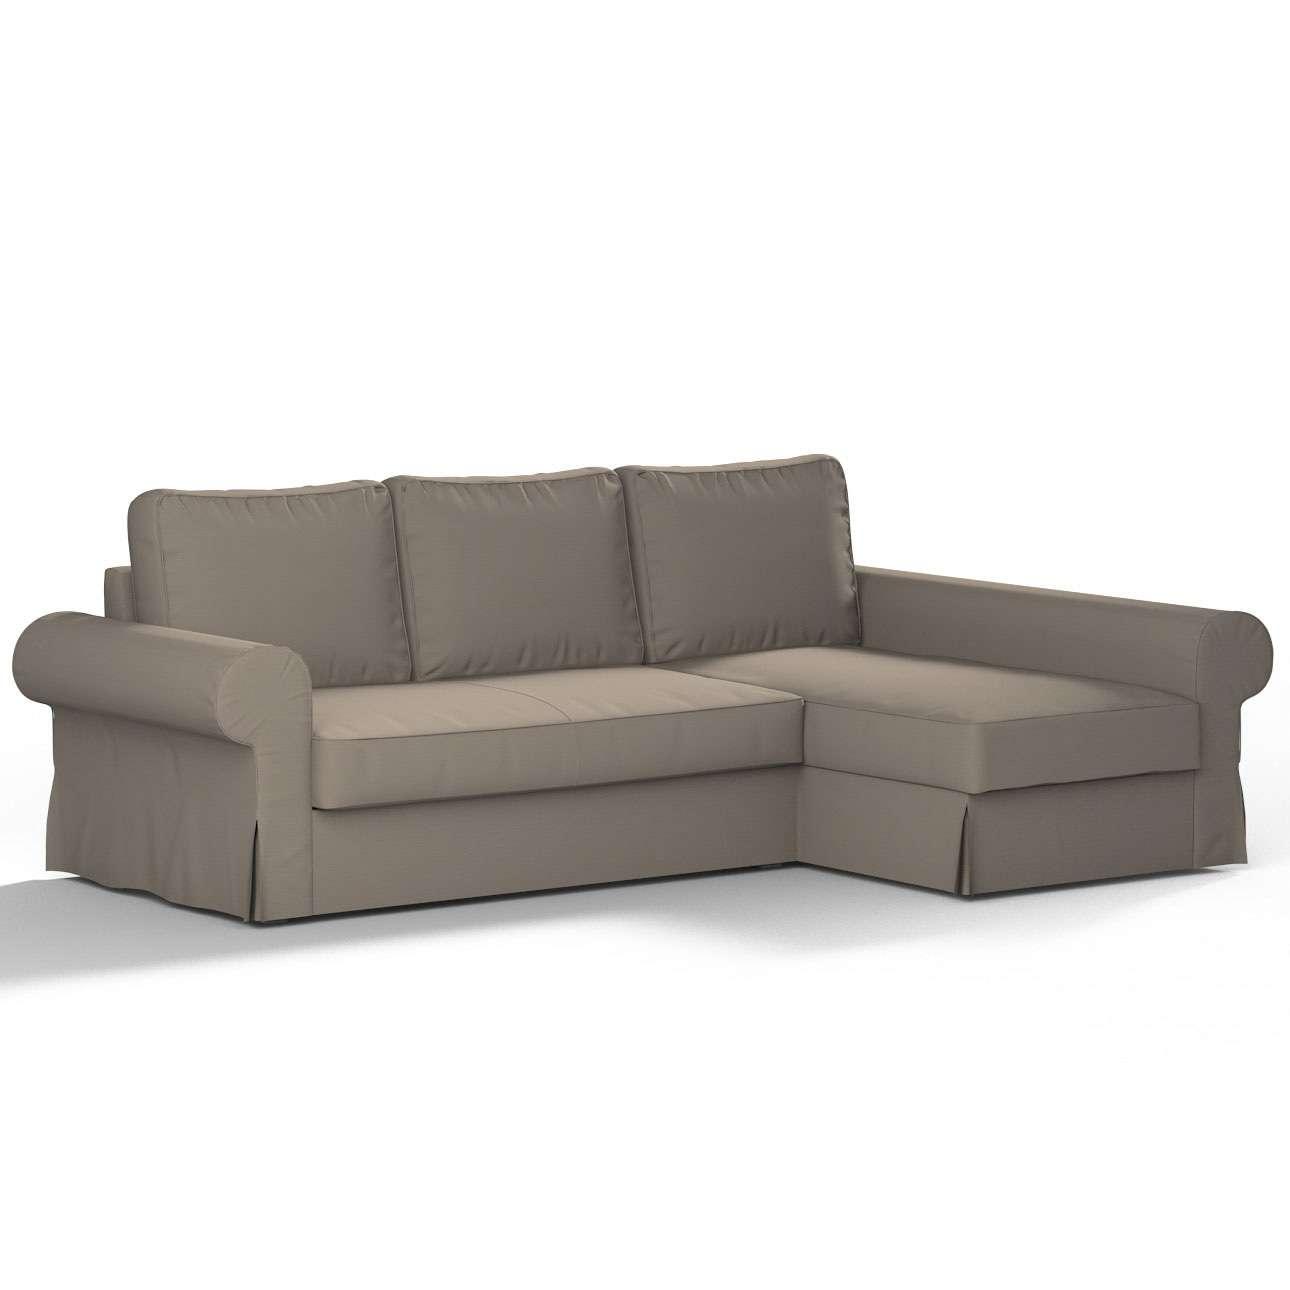 Pokrowiec na sofę Backabro rozkładaną z leżanką sofa Backabro rozkładana z leżanką w kolekcji Cotton Panama, tkanina: 702-28